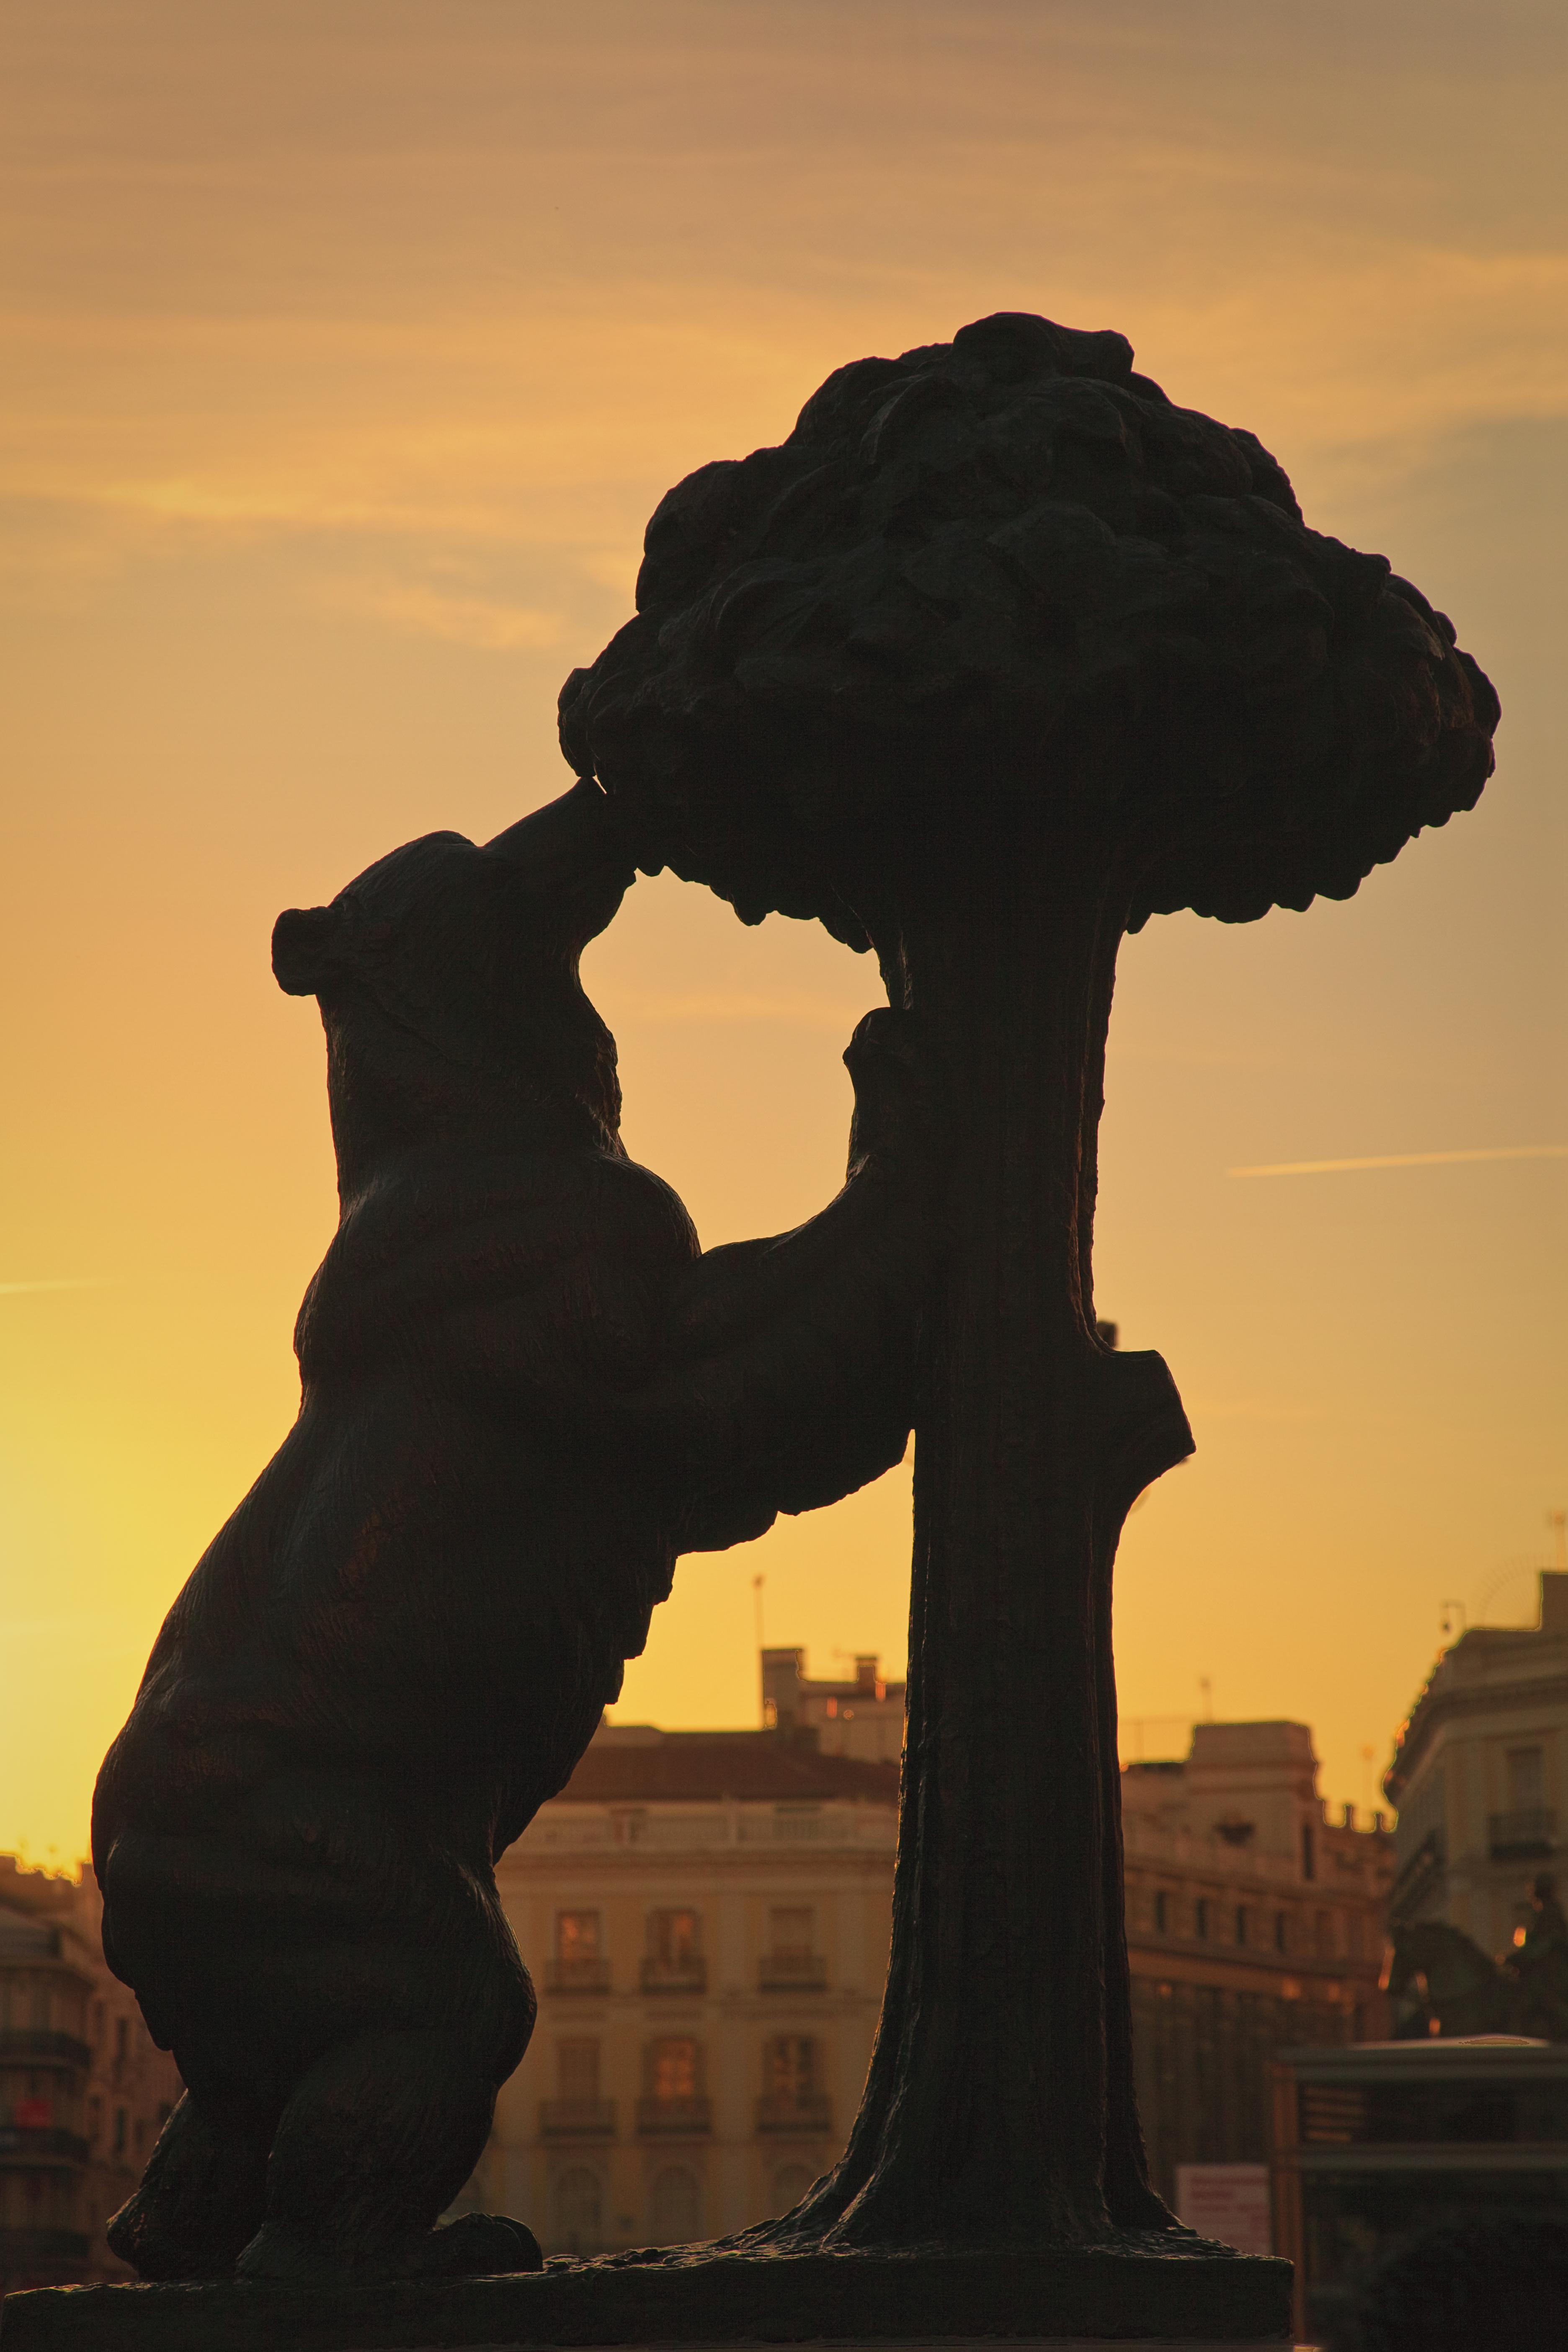 La escultura del oso y el madroño al atardecer